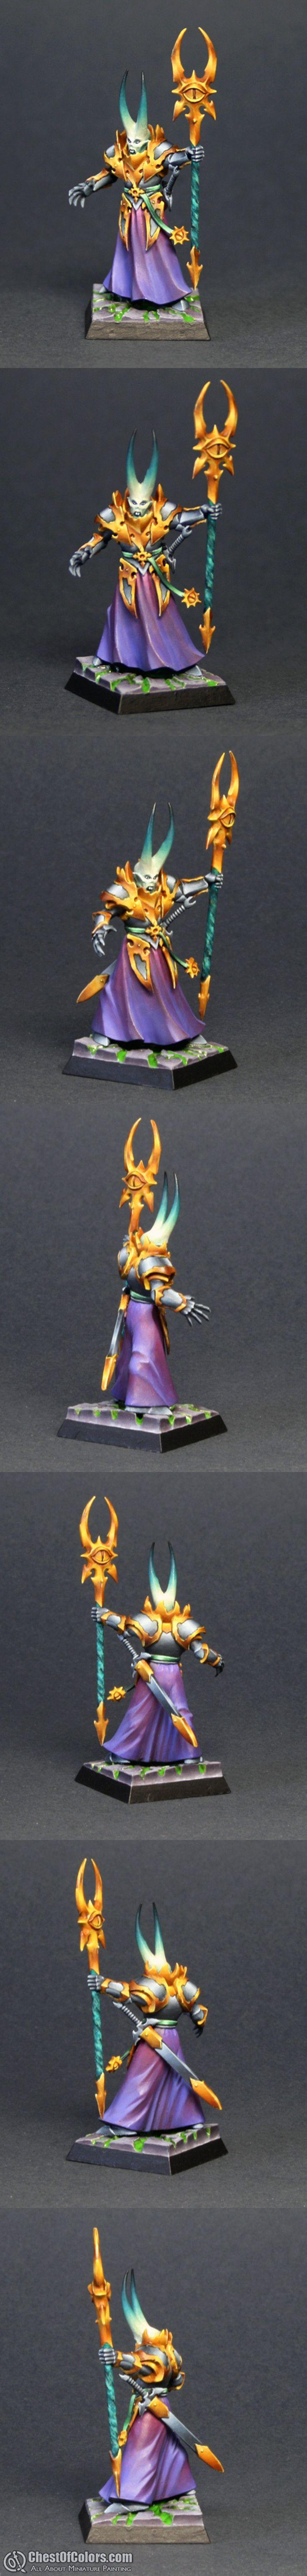 Tzeentch Sorcerer #Warhammer